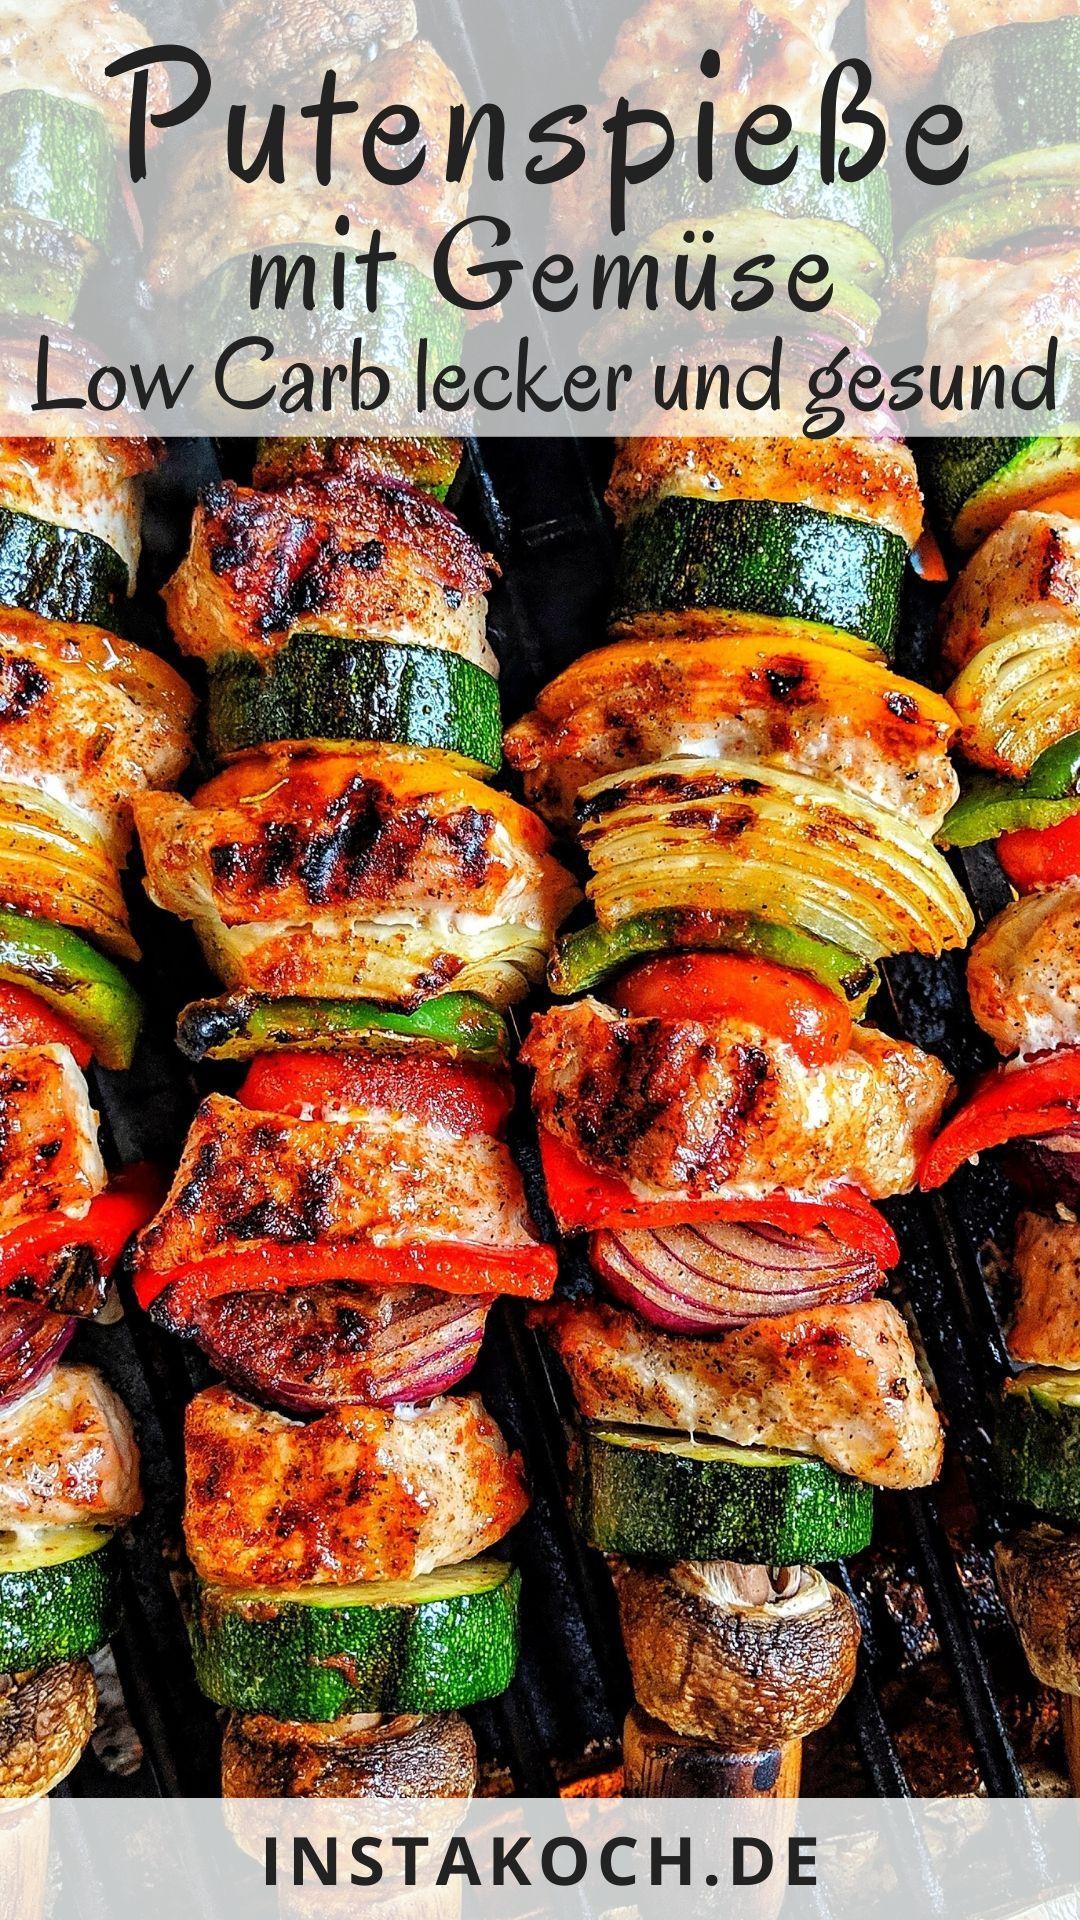 Low Carb Putenspieße mit viel frischem gesunden Gemüse sind ein absoluter Geh…